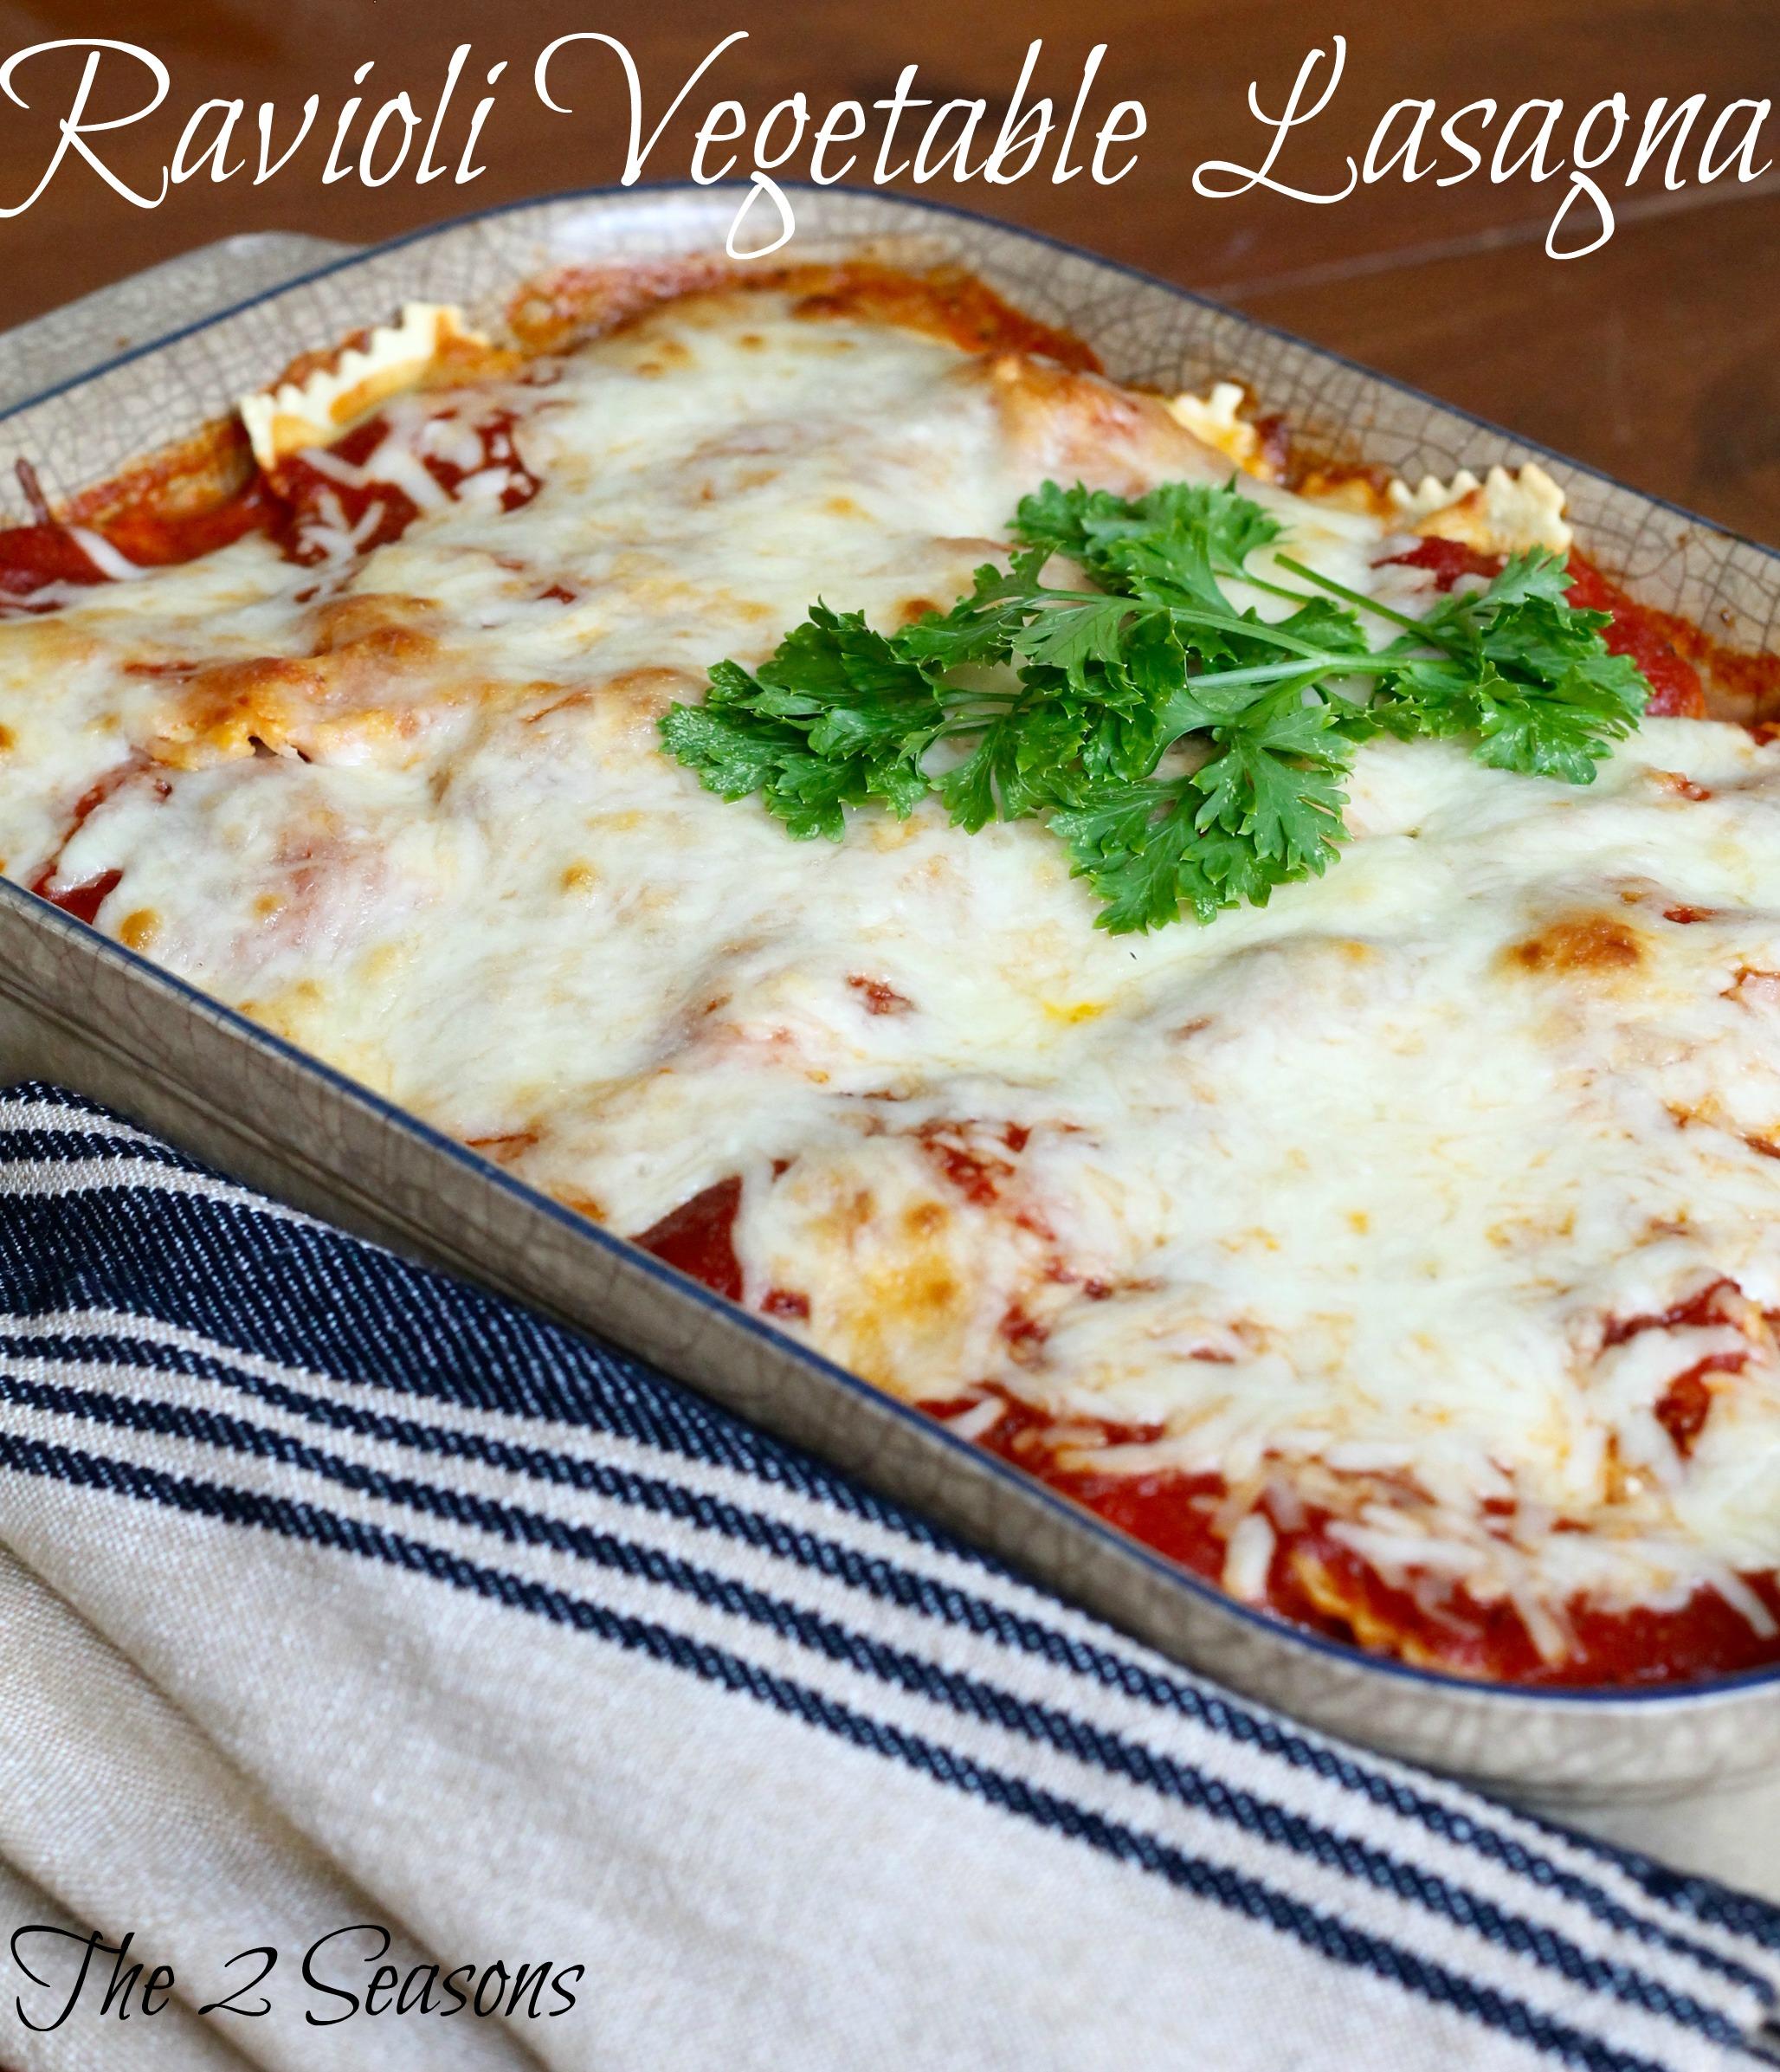 Ravioli Vegetable Lasagna